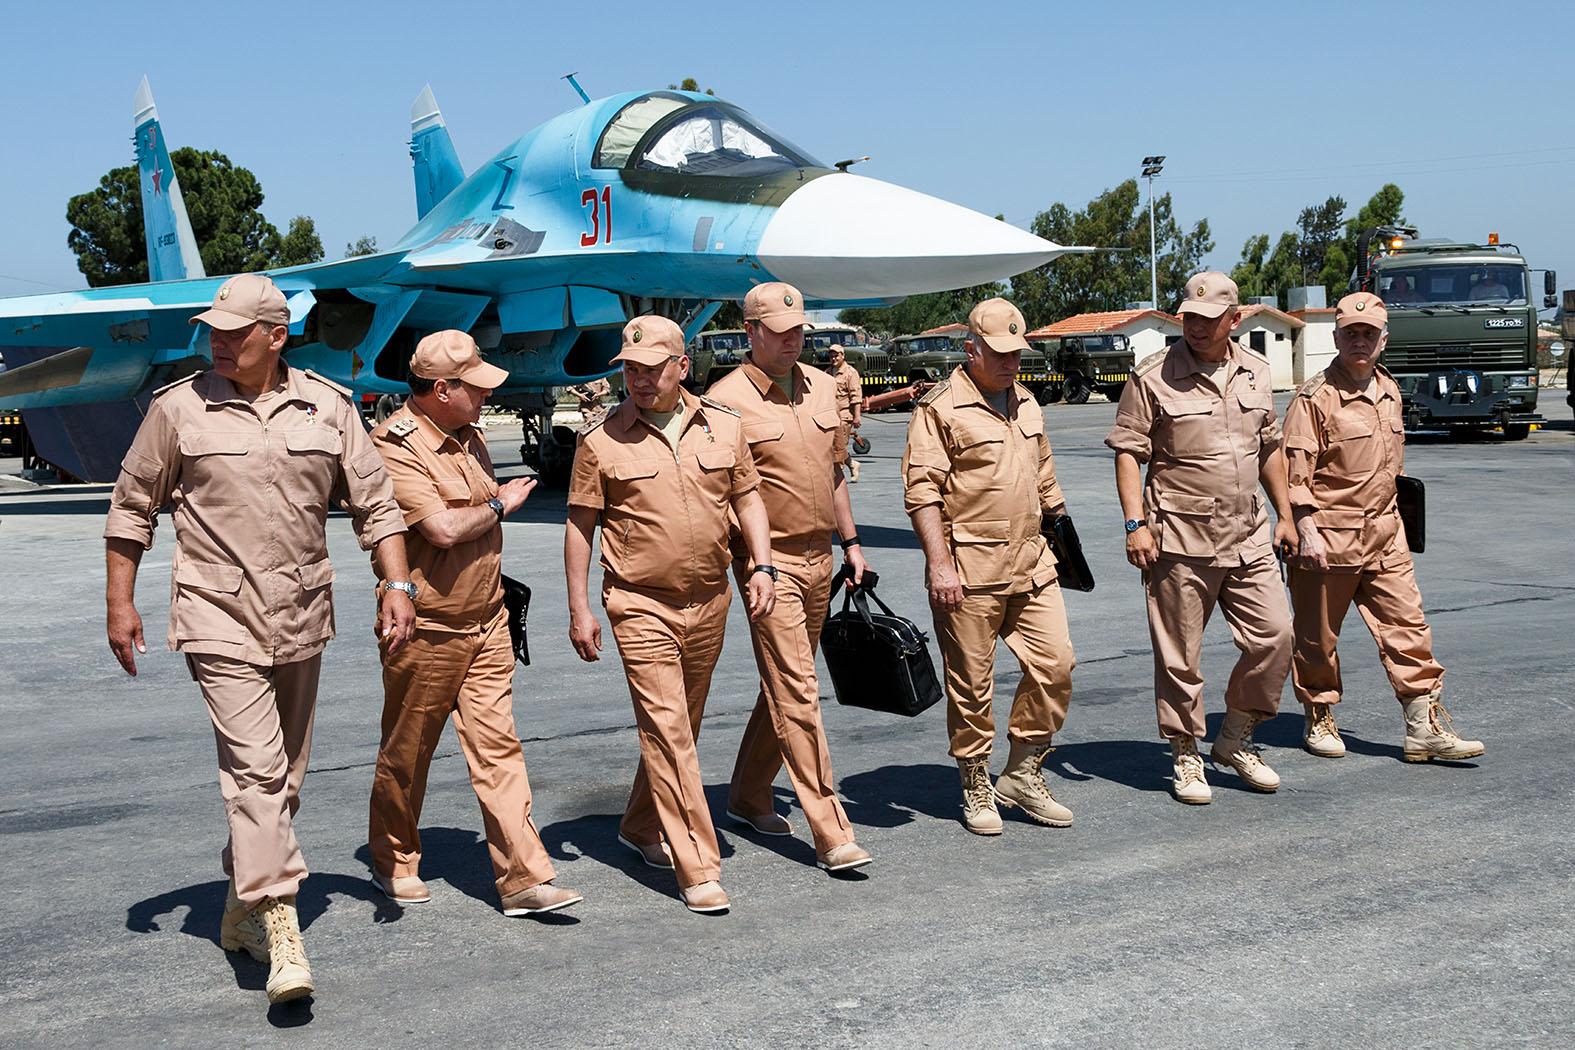 Сверхсекретный удар России обескуражил США сирия